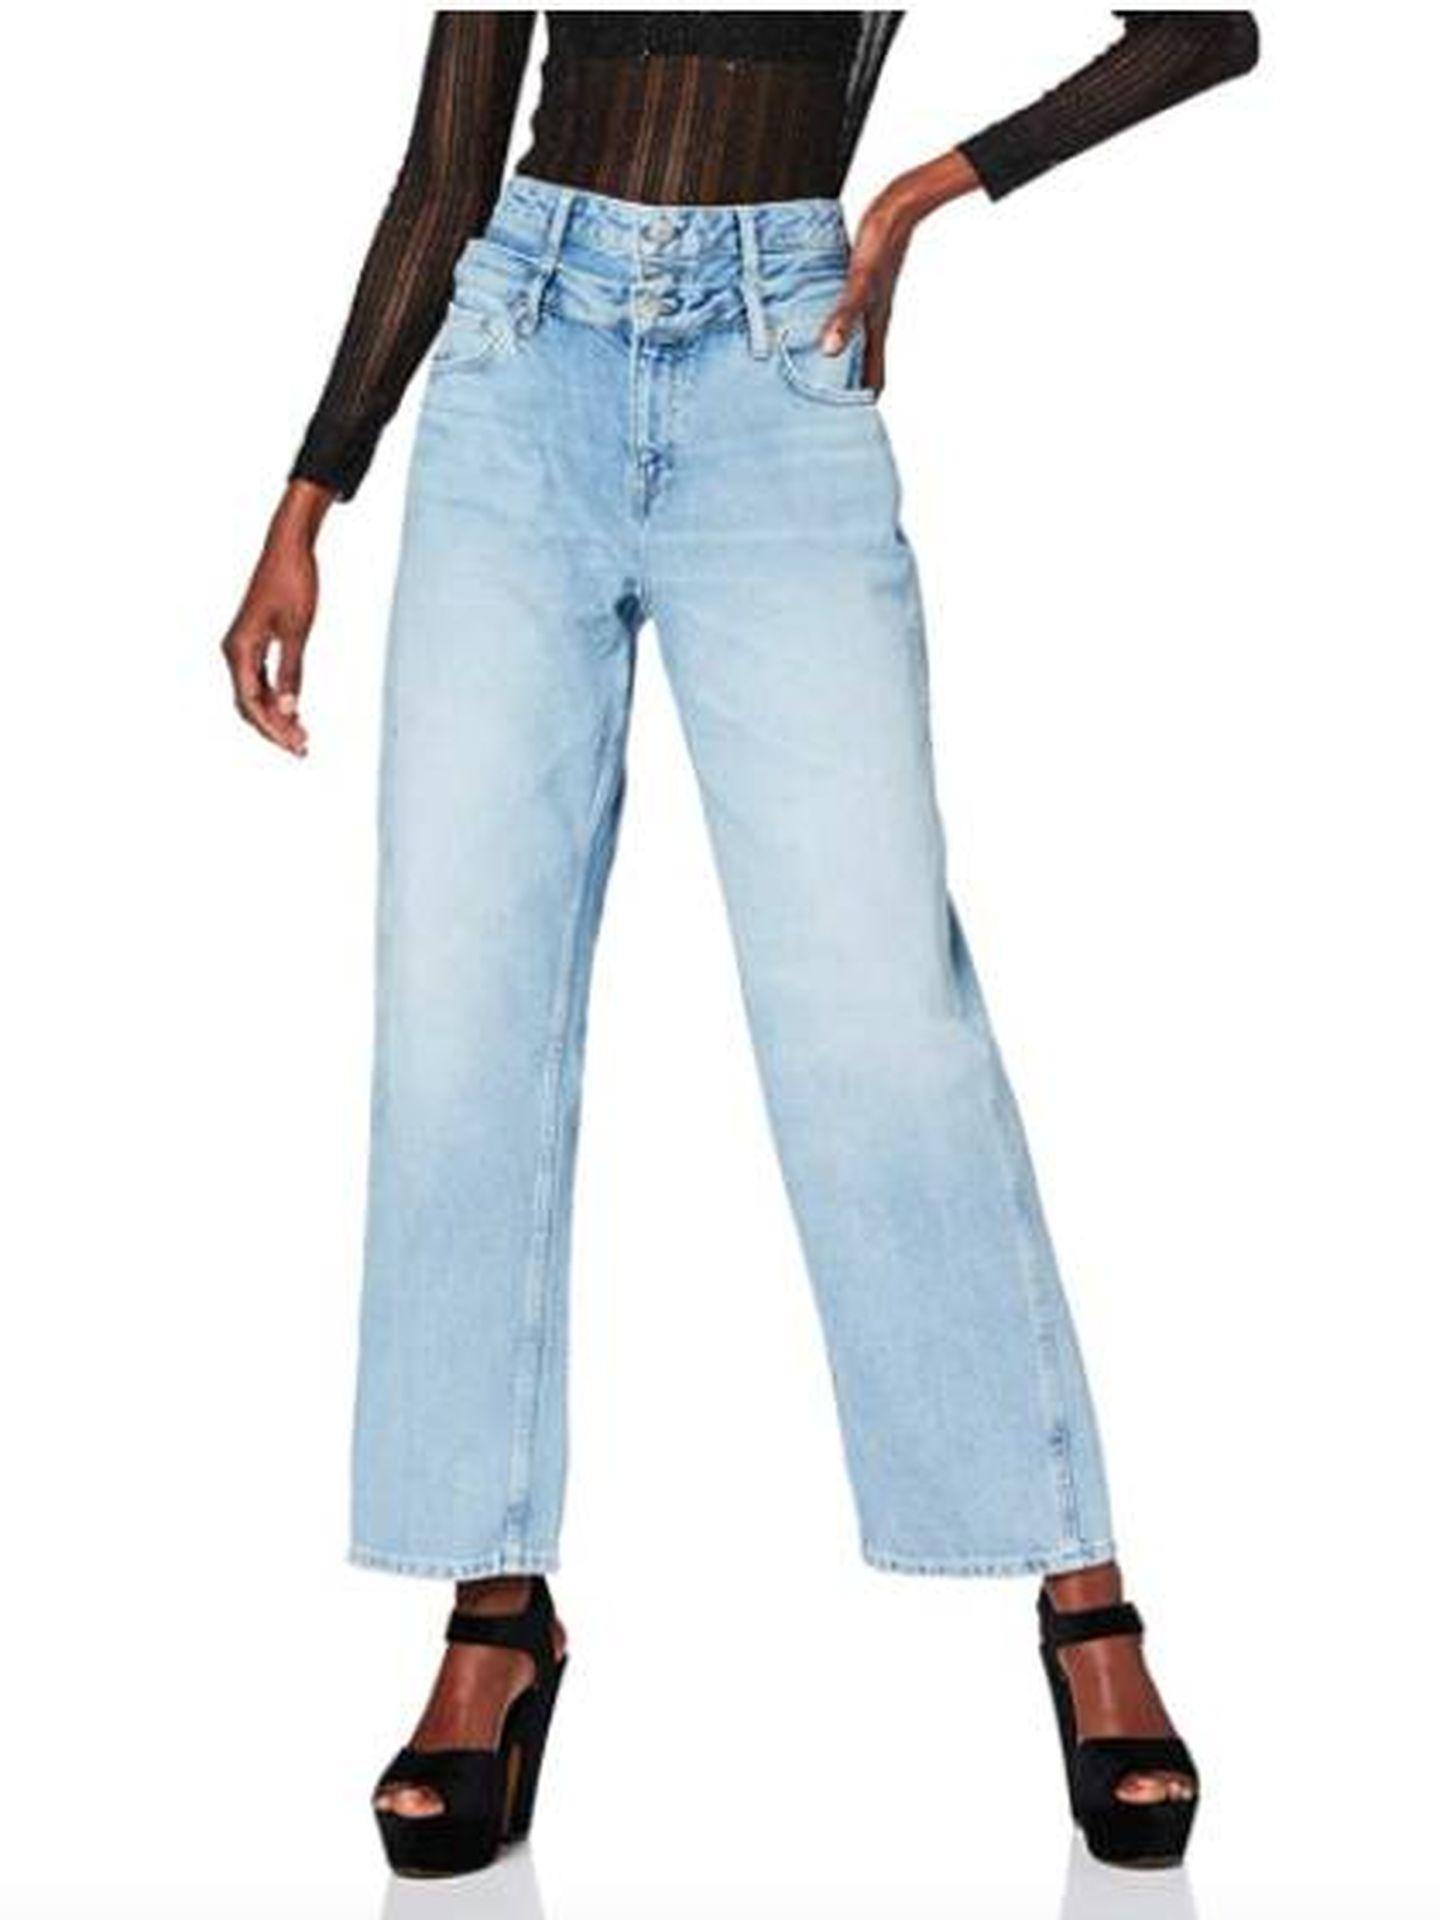 Pantalón vaquero de Pepe Jeans. (Cortesía)